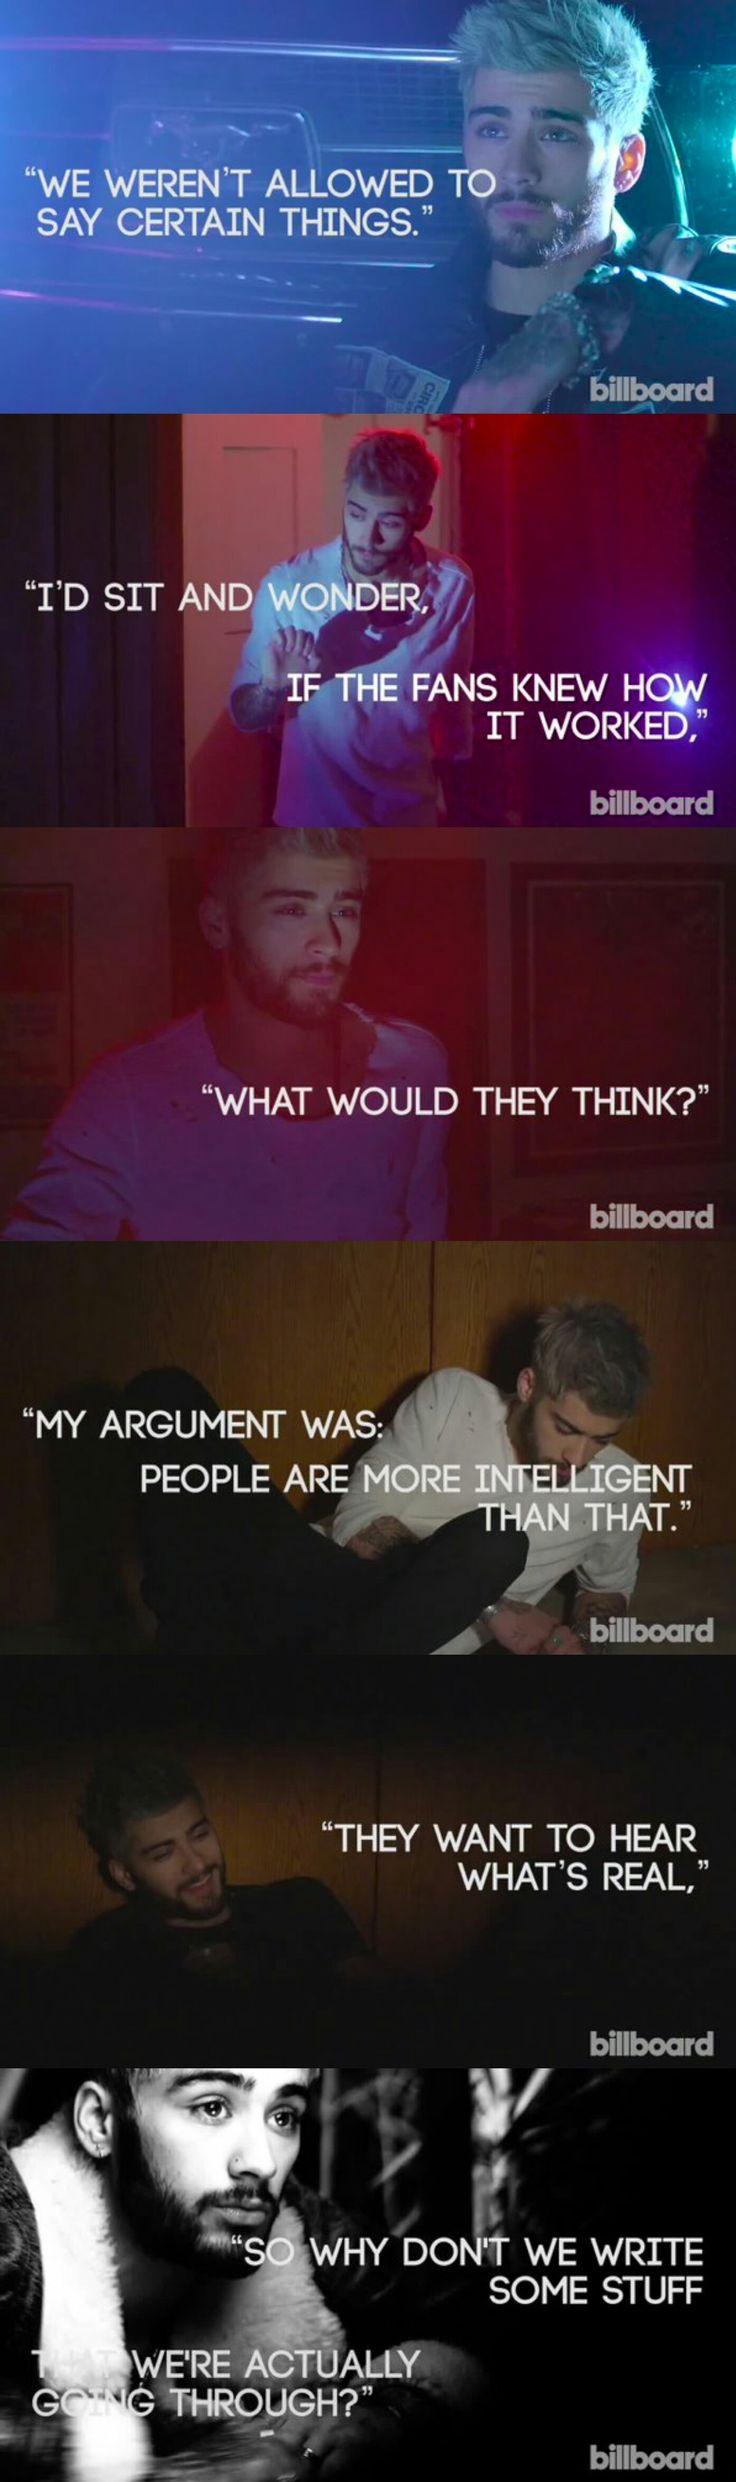 Zayn Malik Quotes from Billboard Interview